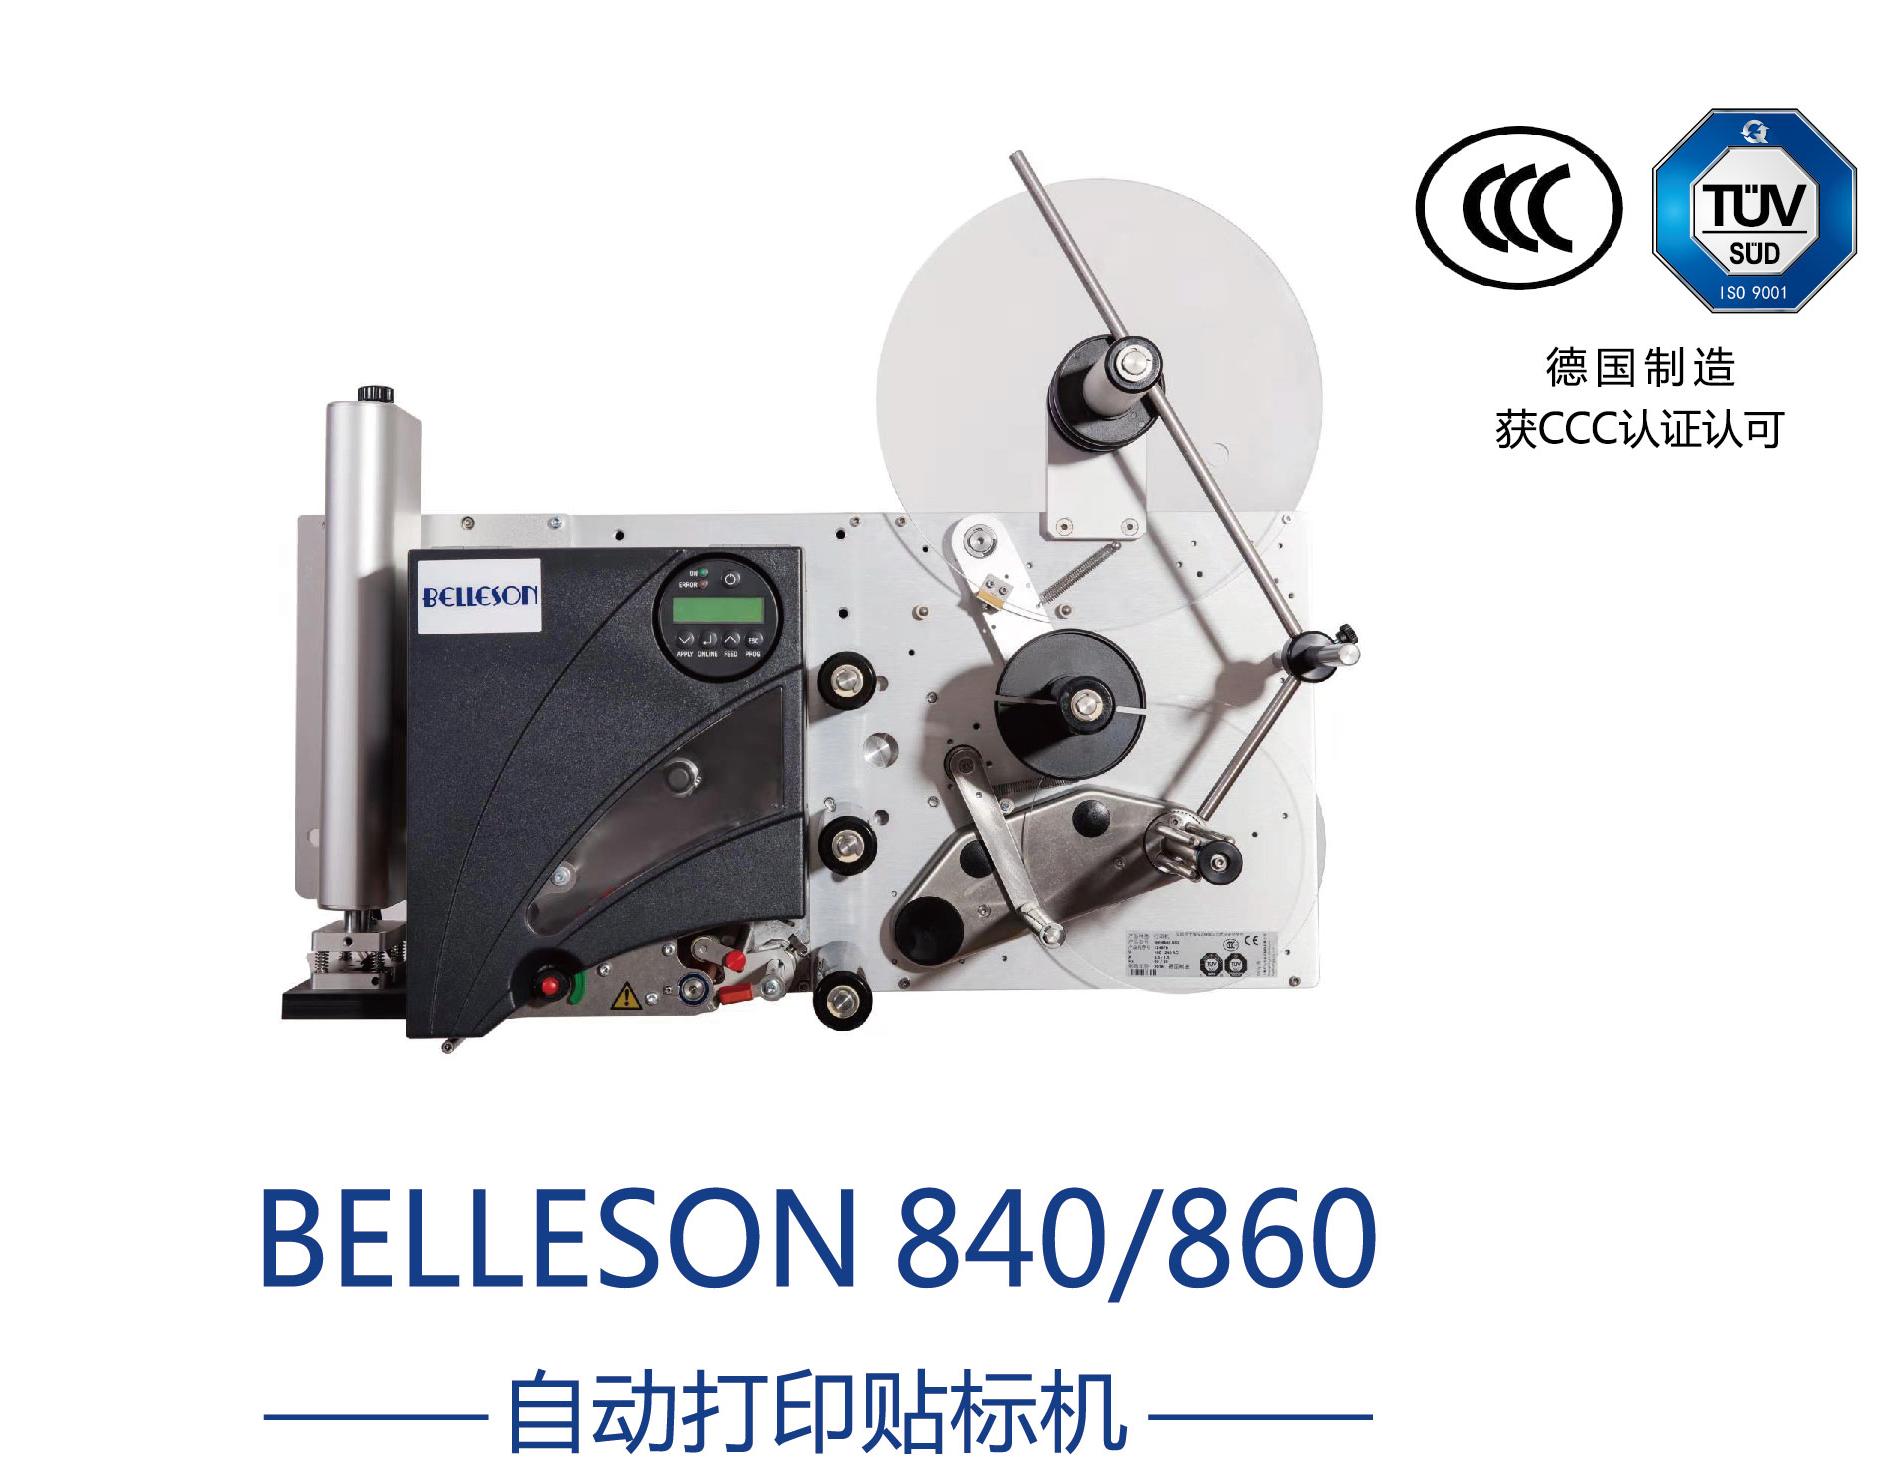 全自动打码贴标机BELLESON 840/860